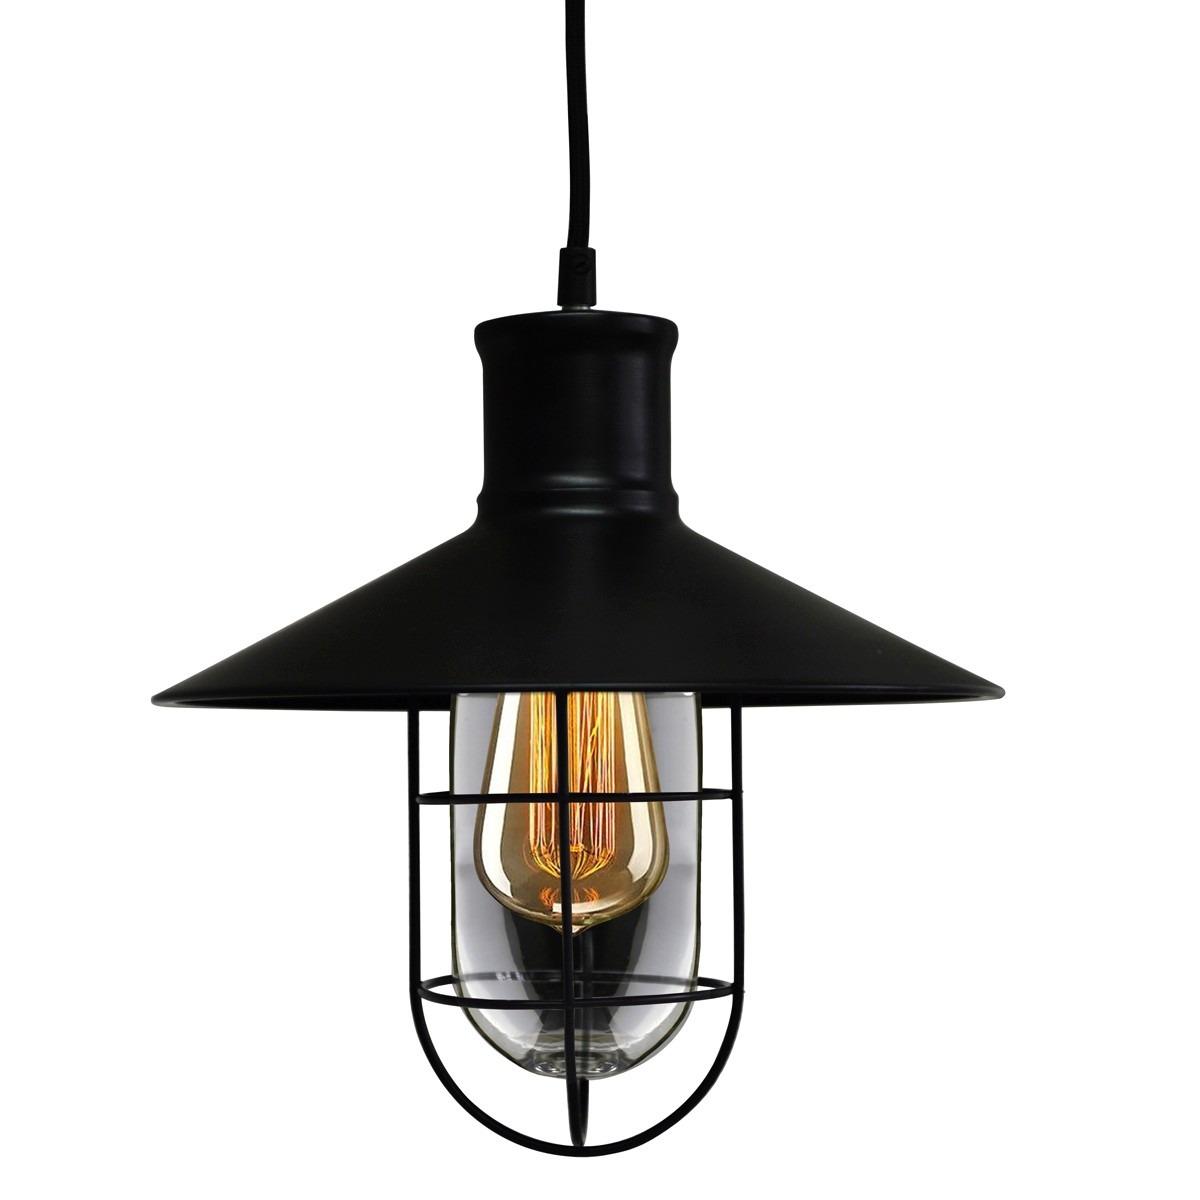 Candil decorativo lampara colgante e27 para interiores - Lamparas de interiores ...